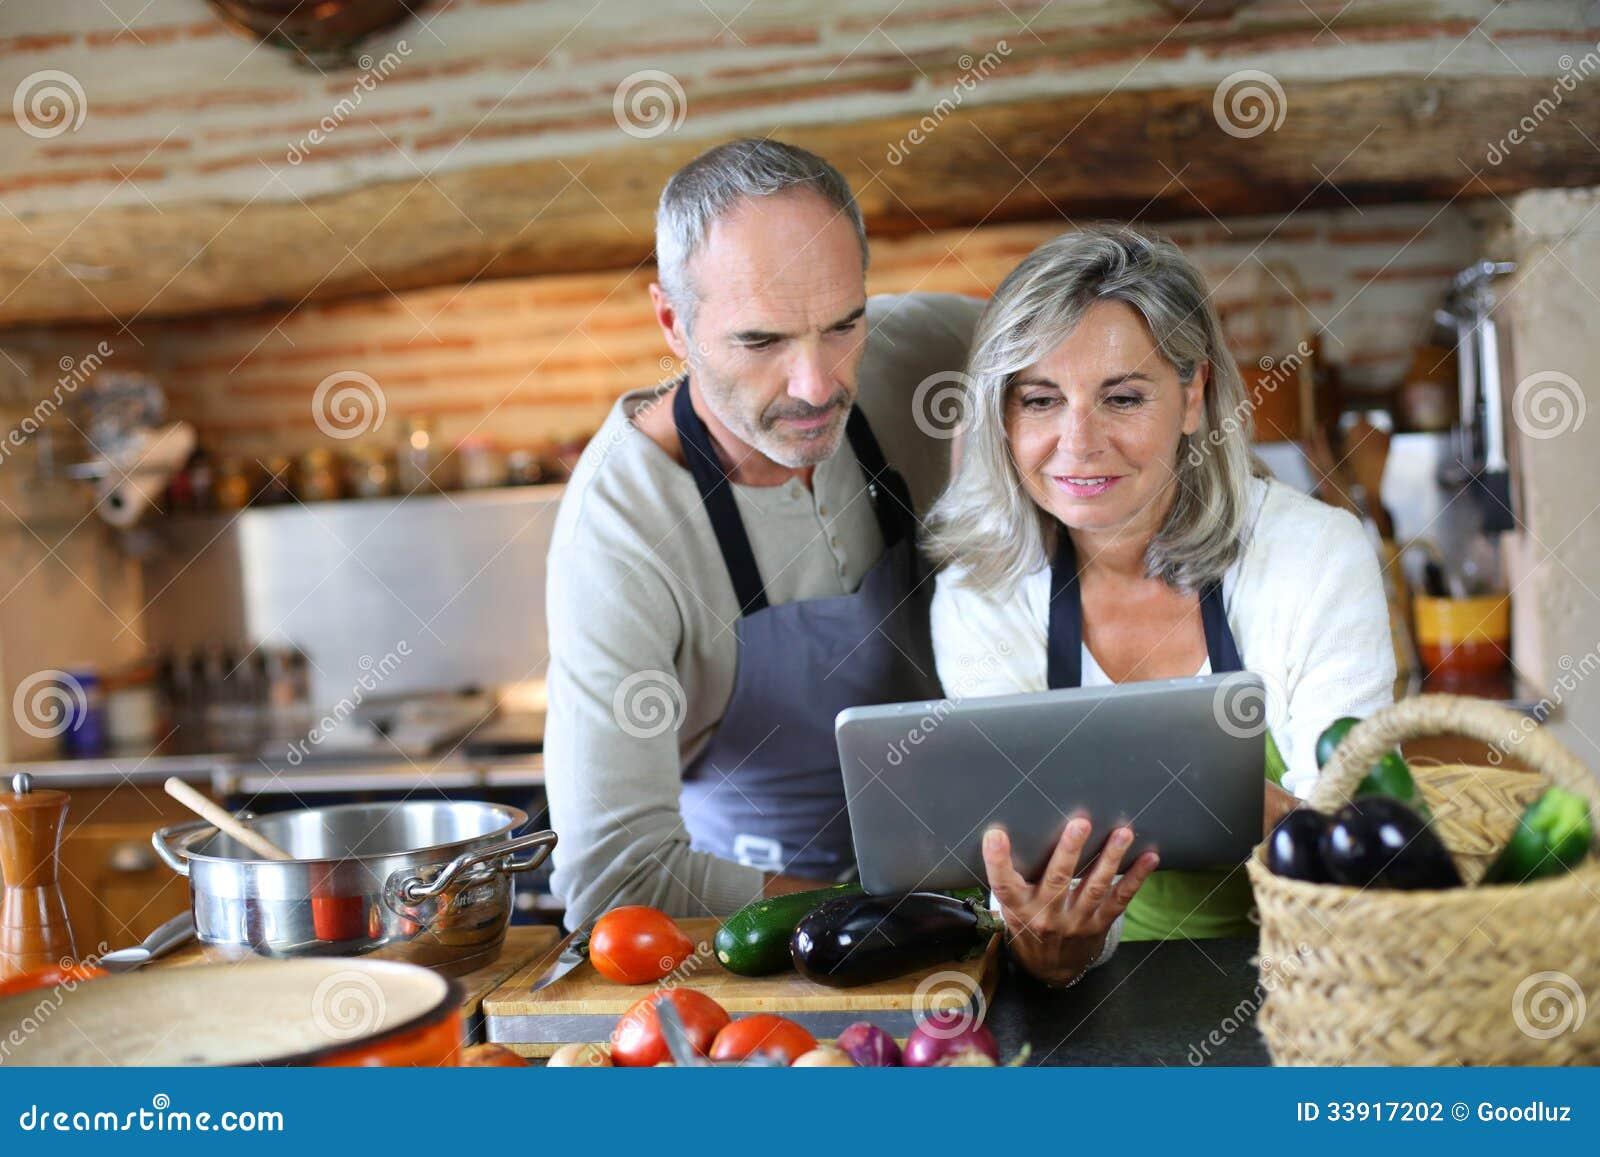 Couples dans la vieille cuisine recherchant la recette - Couple faisant l amour dans la cuisine ...